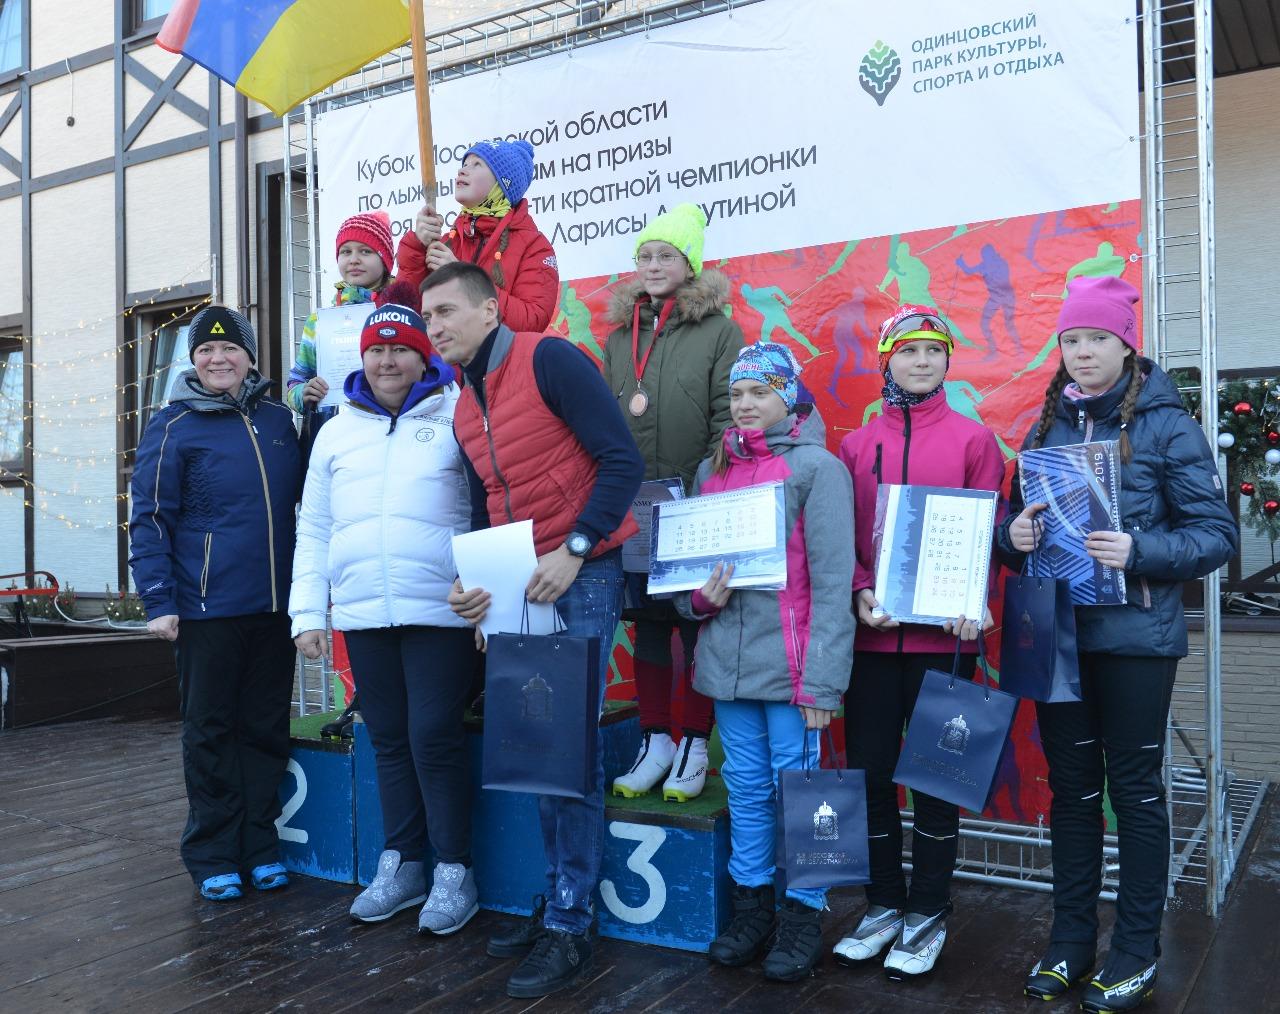 Церемония награждения у девочек самой младшей возрастной группы. Приятно получать награды из рук олимпийских чемпионов Ларисы Лазутинрой. Елены Вяльбе и Александра Легкова.